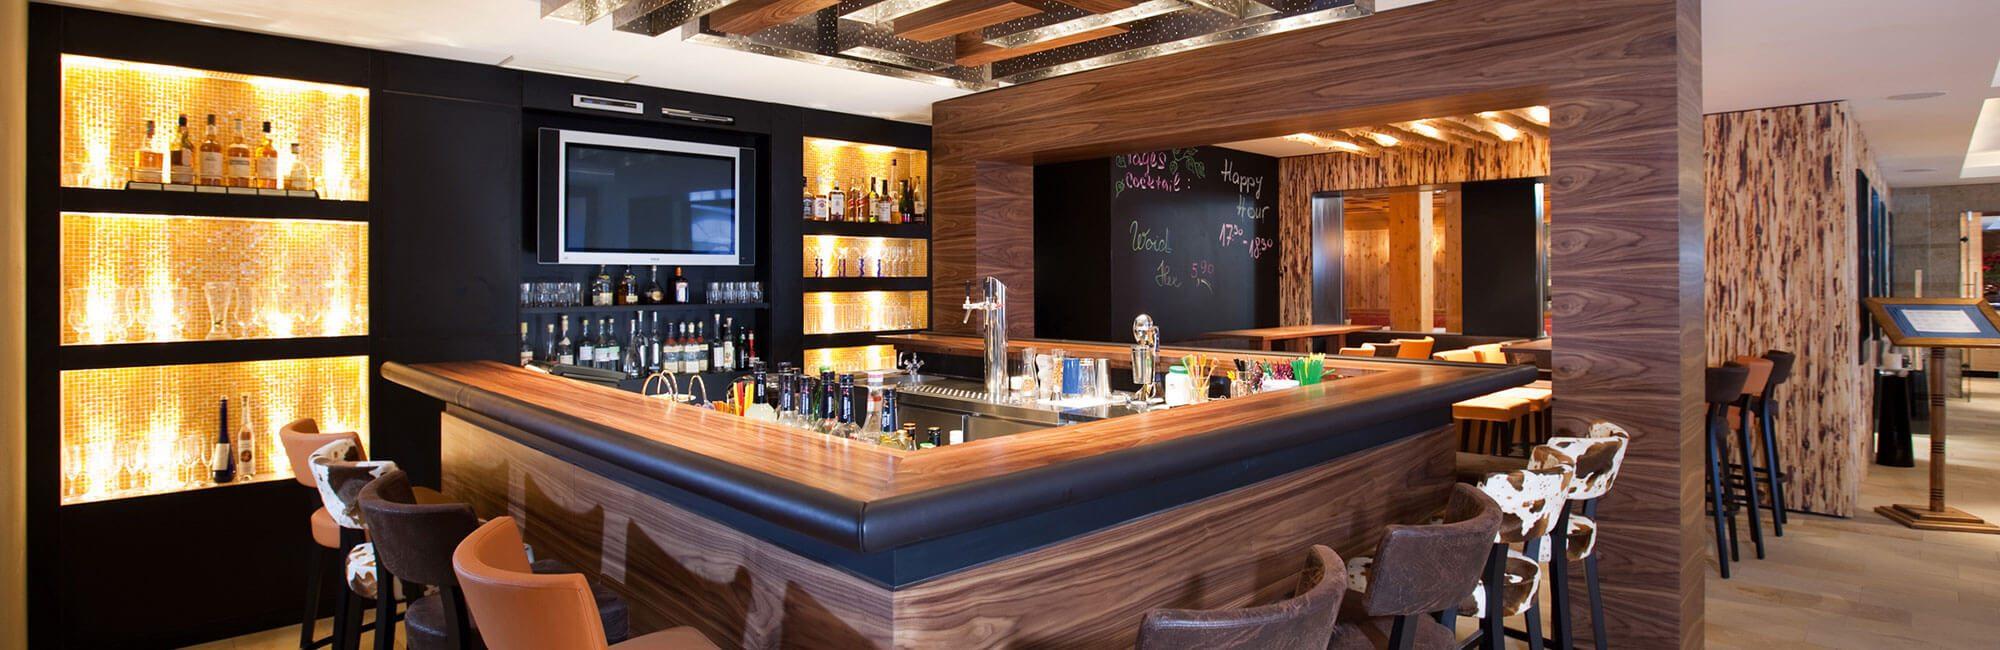 Theken von waTHEK für Hotellerie und Gastronomie